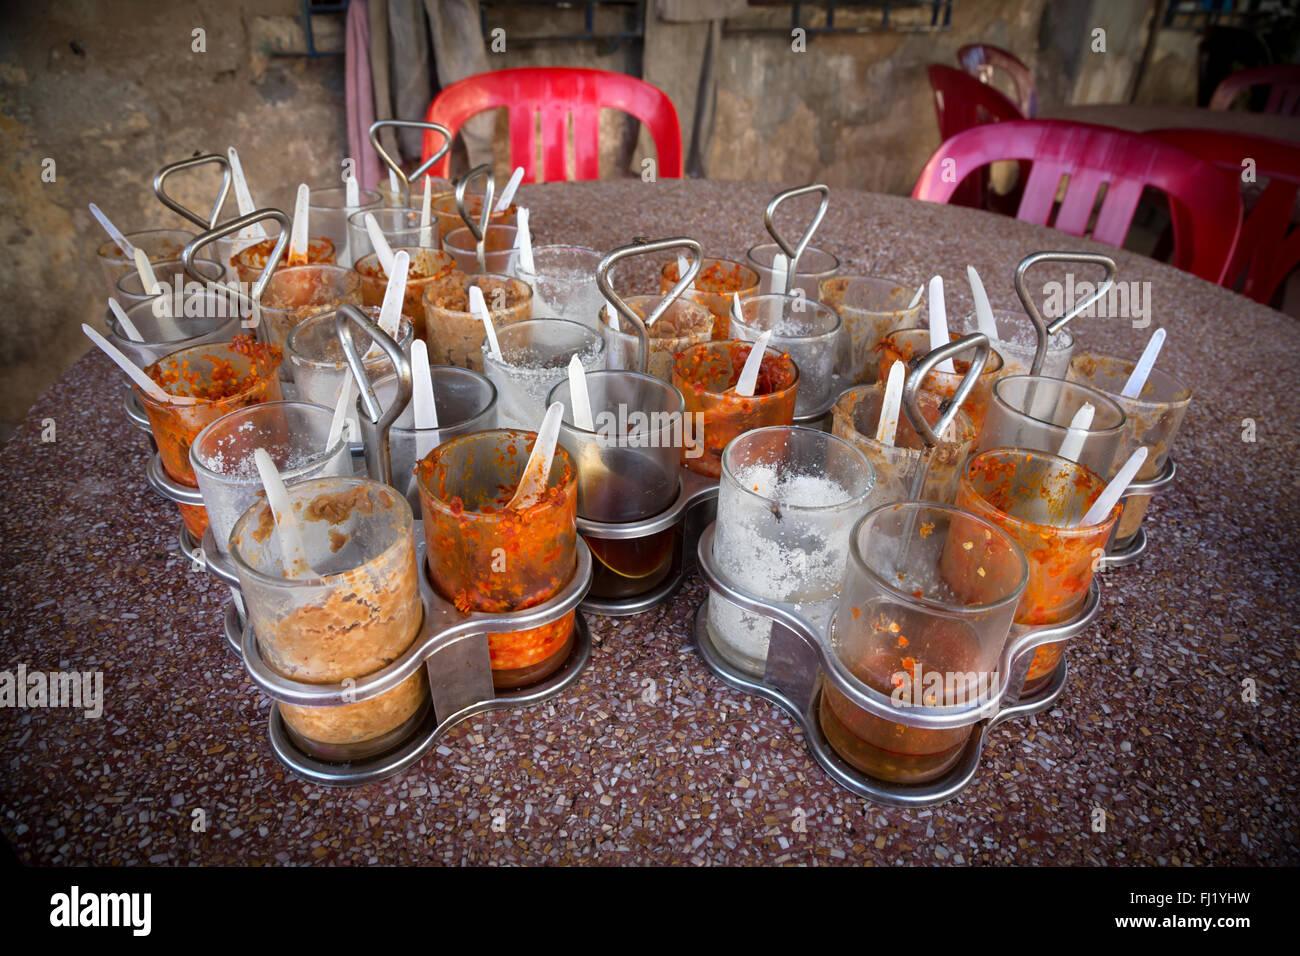 Spezie e peperoncino in bicchieri su un tavolo in un ristorante di Kampot , Cambogia Immagini Stock